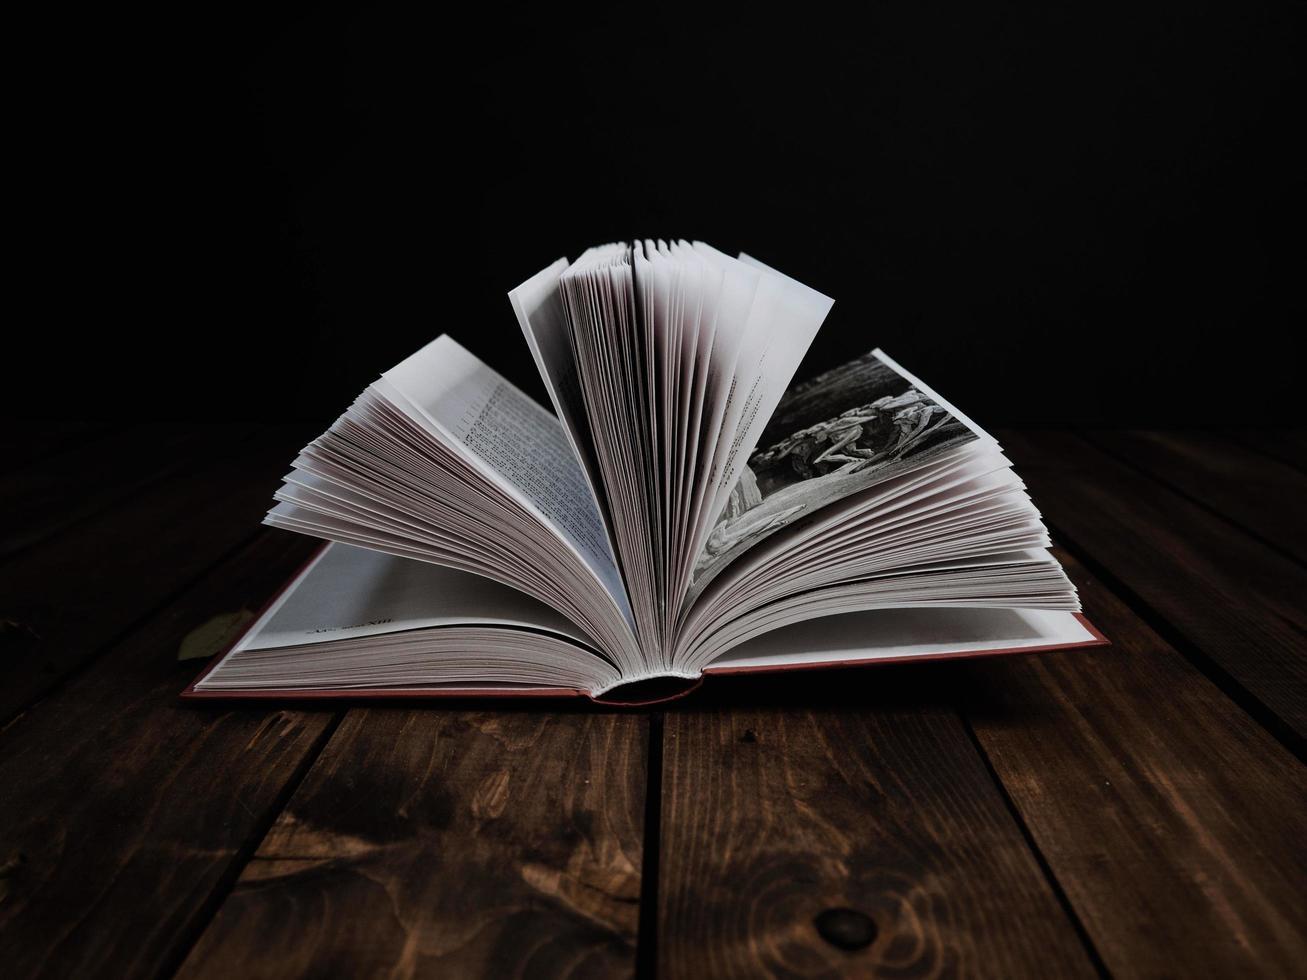 offenes Buch auf dunklem Hintergrund foto